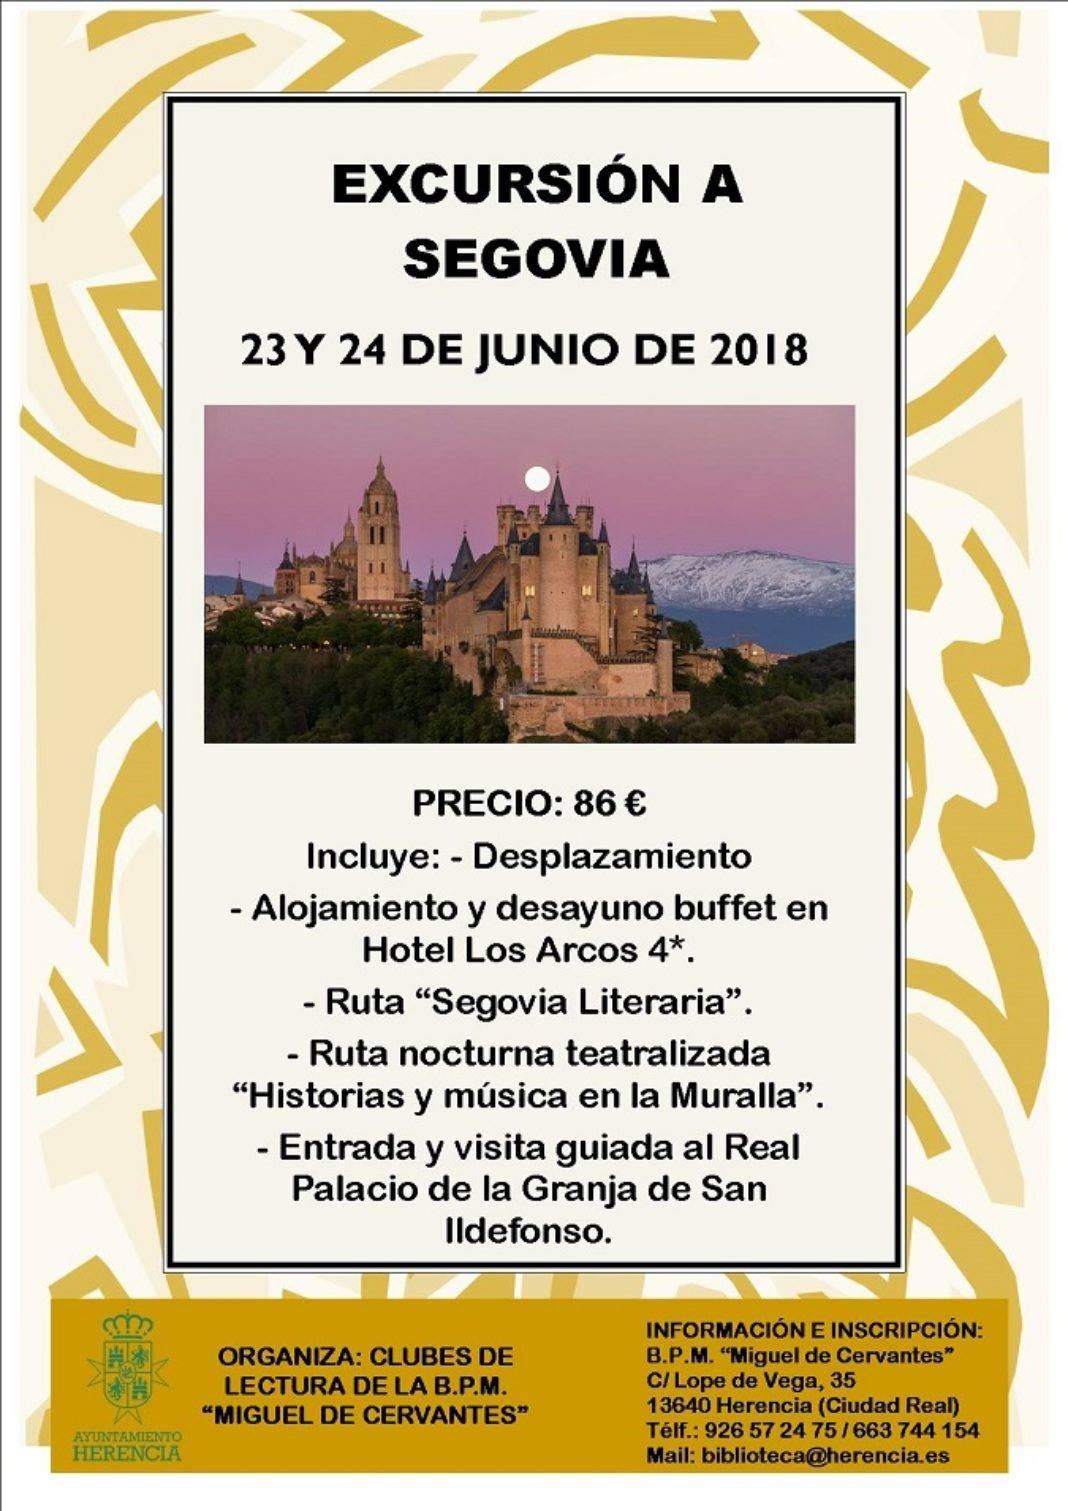 Los clubes de lectura organizan un viaje a Segovia 4